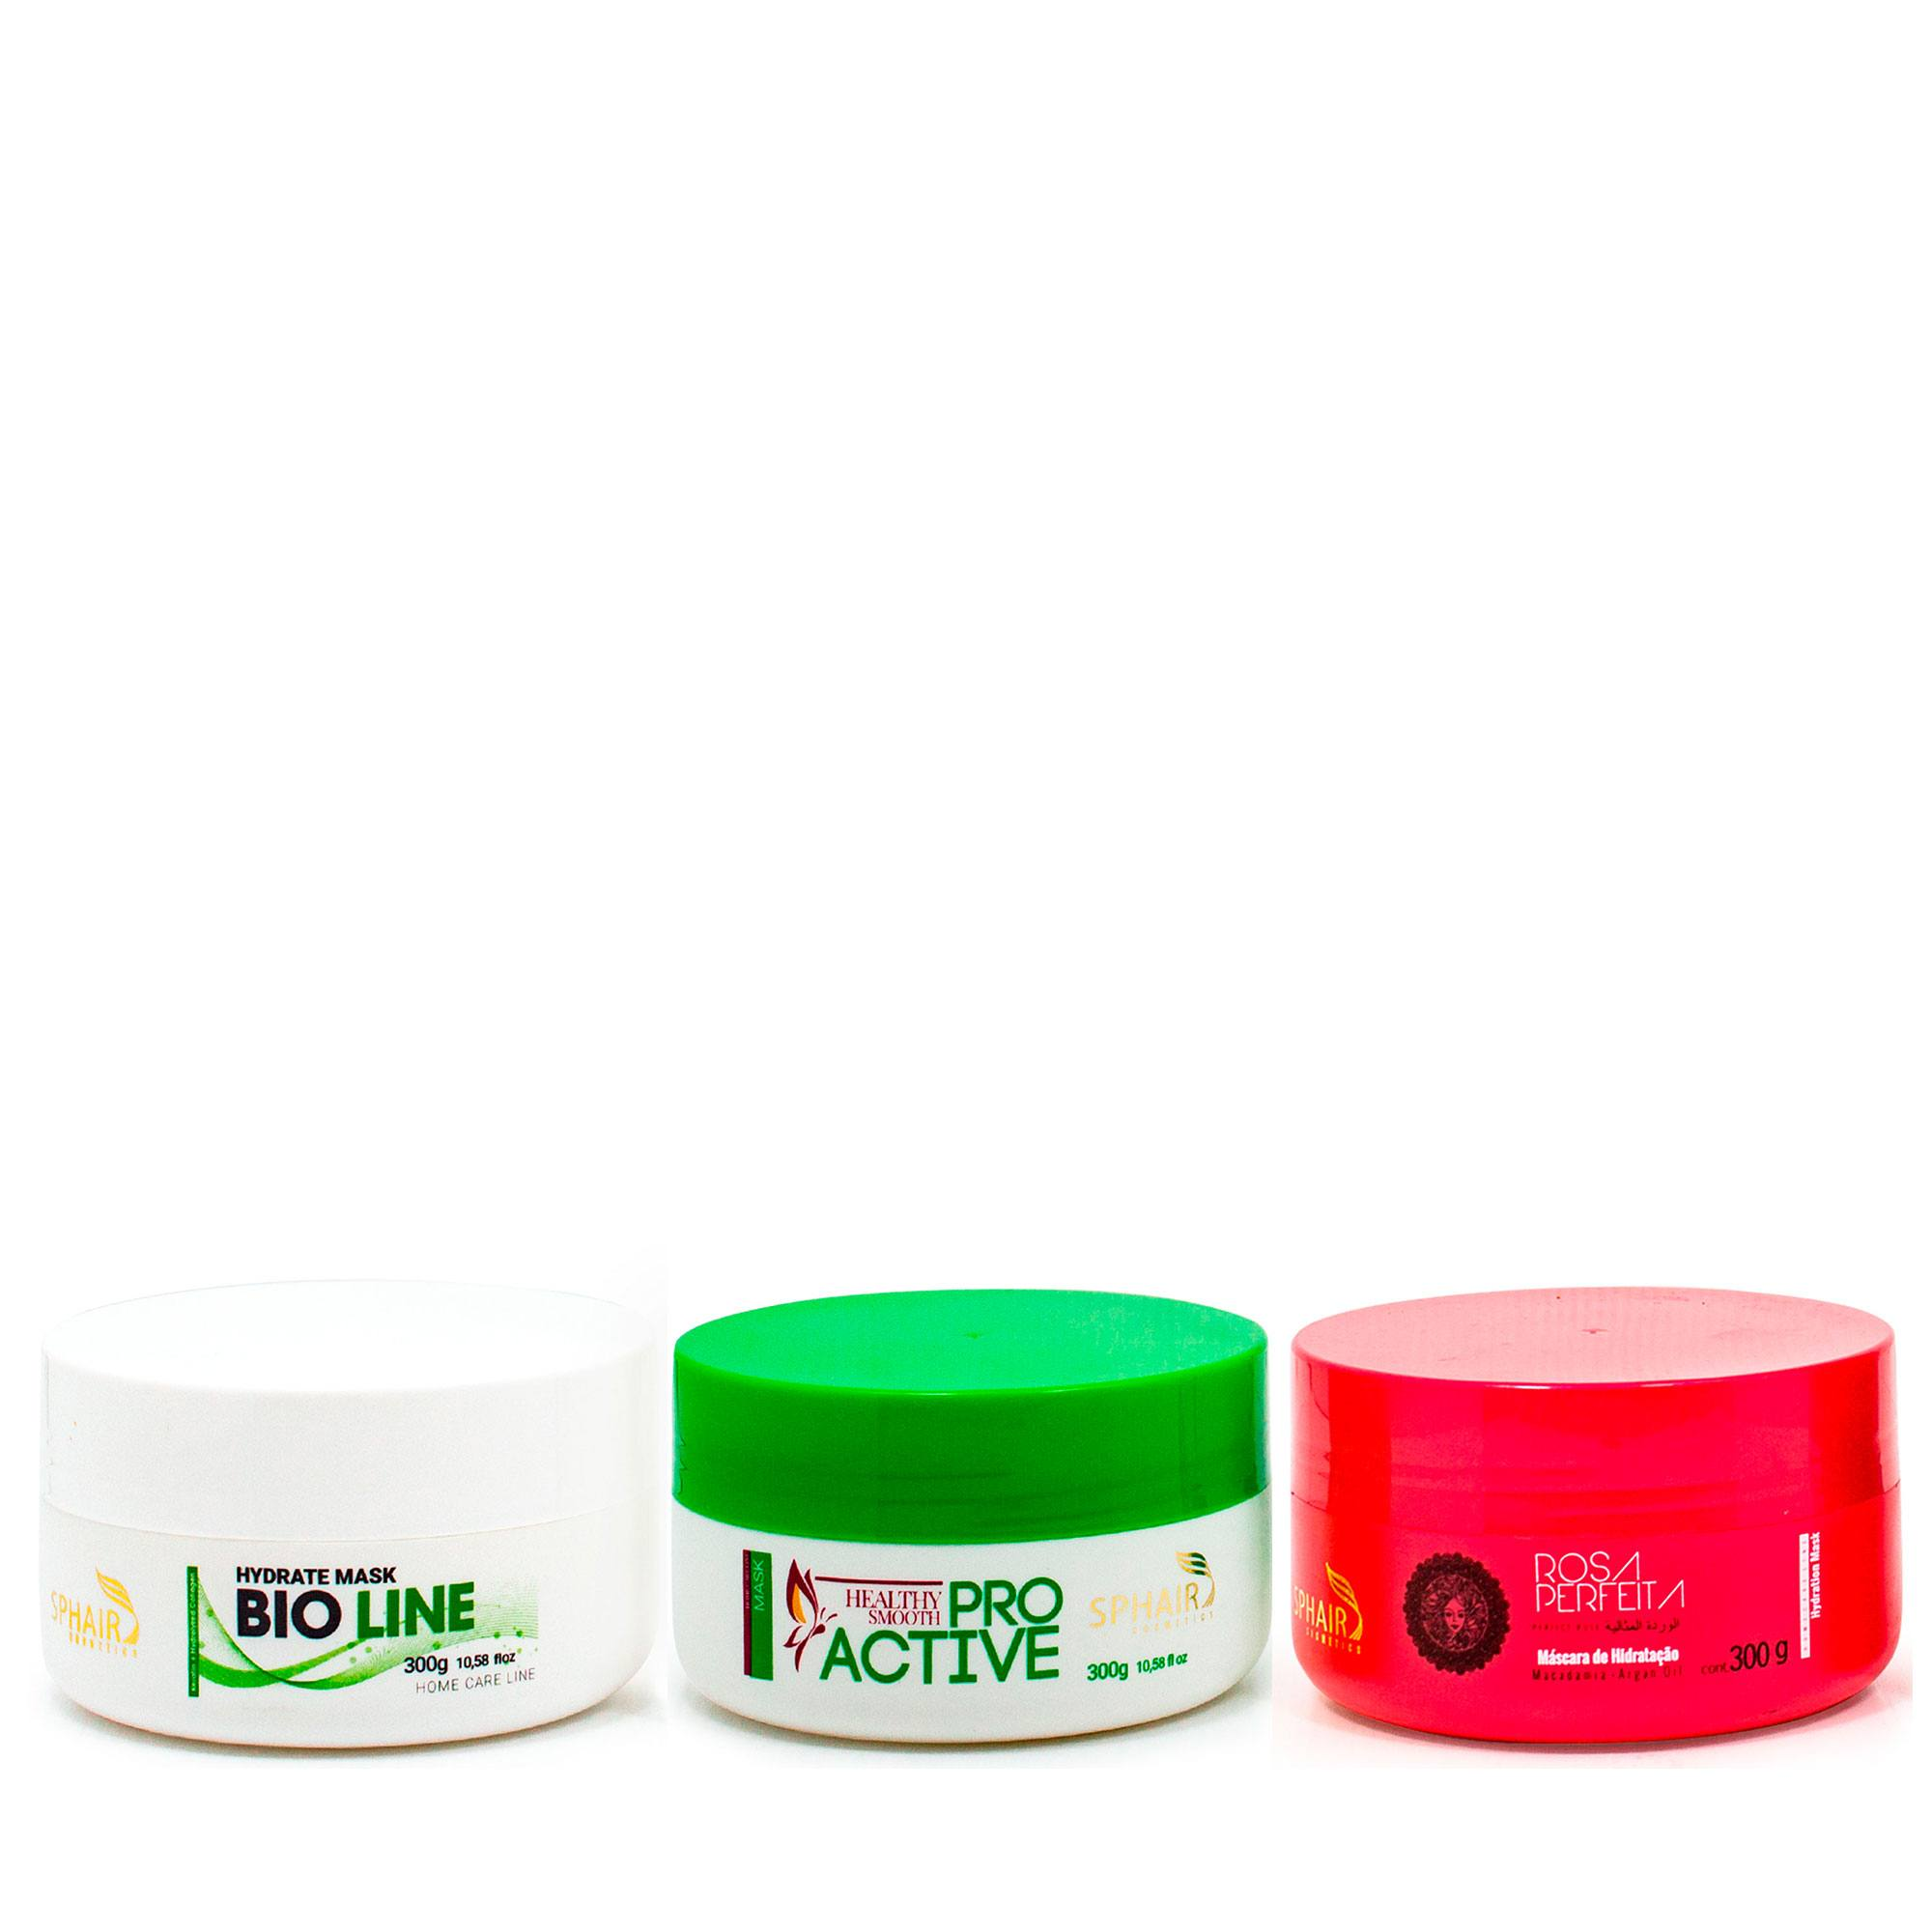 <b>Cronograma capilar da SP Hair Cosmetics</b> - as 3 etapas: Nutrição (ProActive), Hidratação (Rosa Perfeita) e Reconstrução (Bioline) para ter o tratamento certo para os seus fios na sua casa